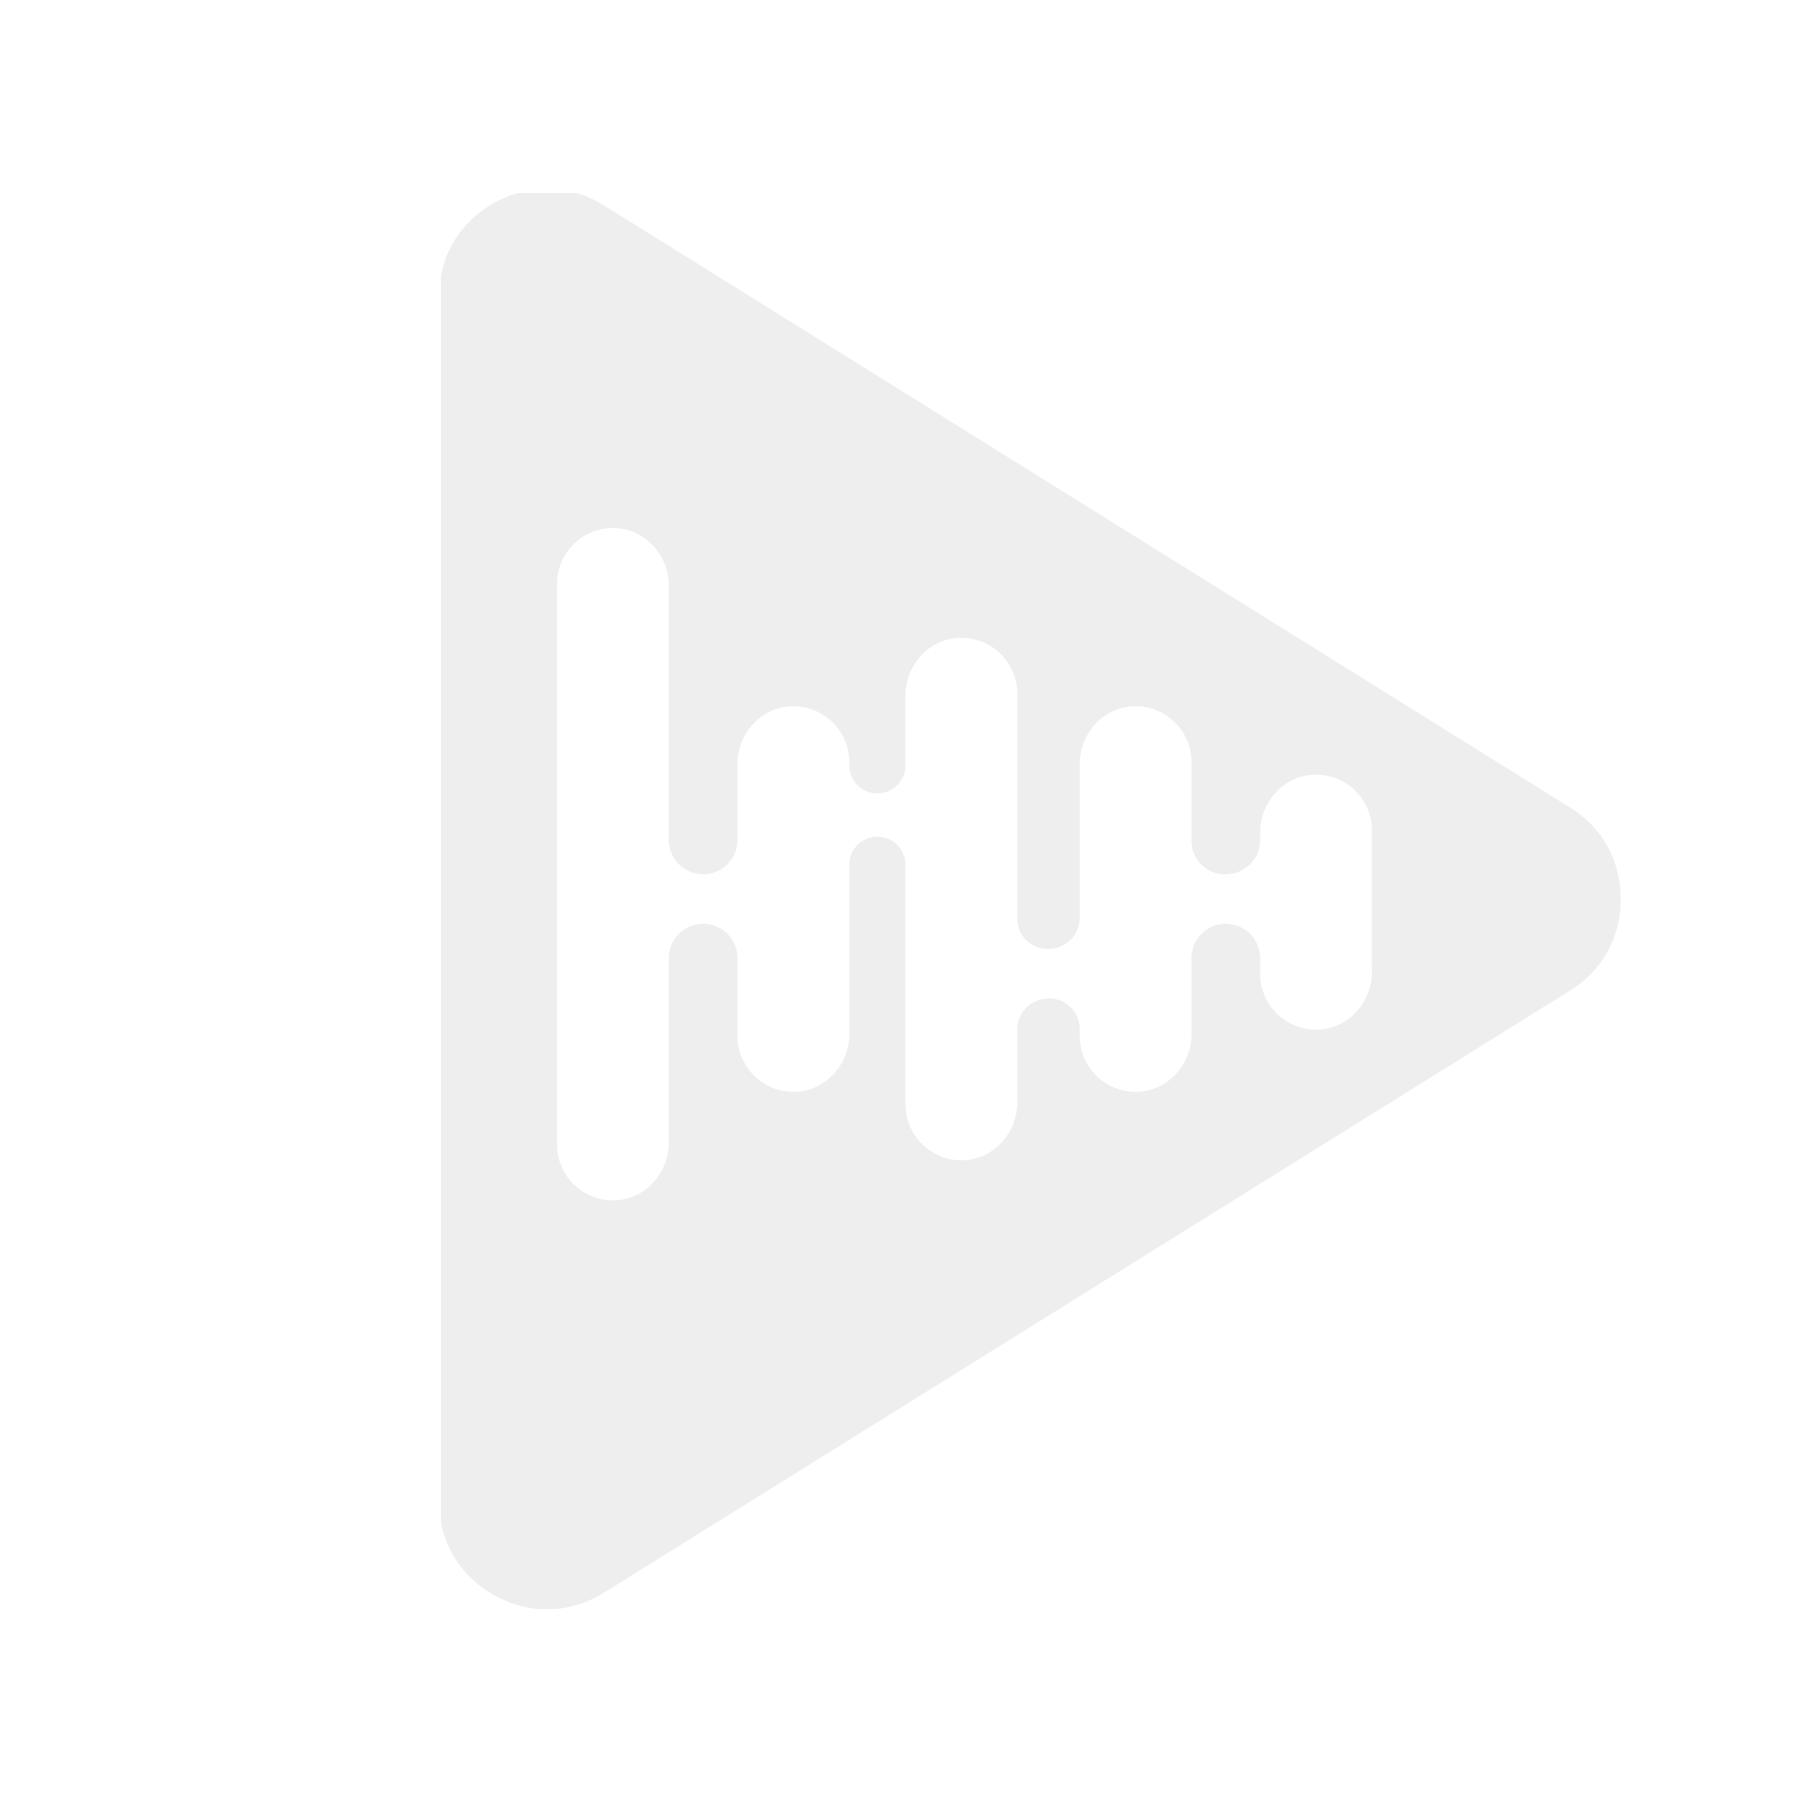 Audison OP 4.5.2